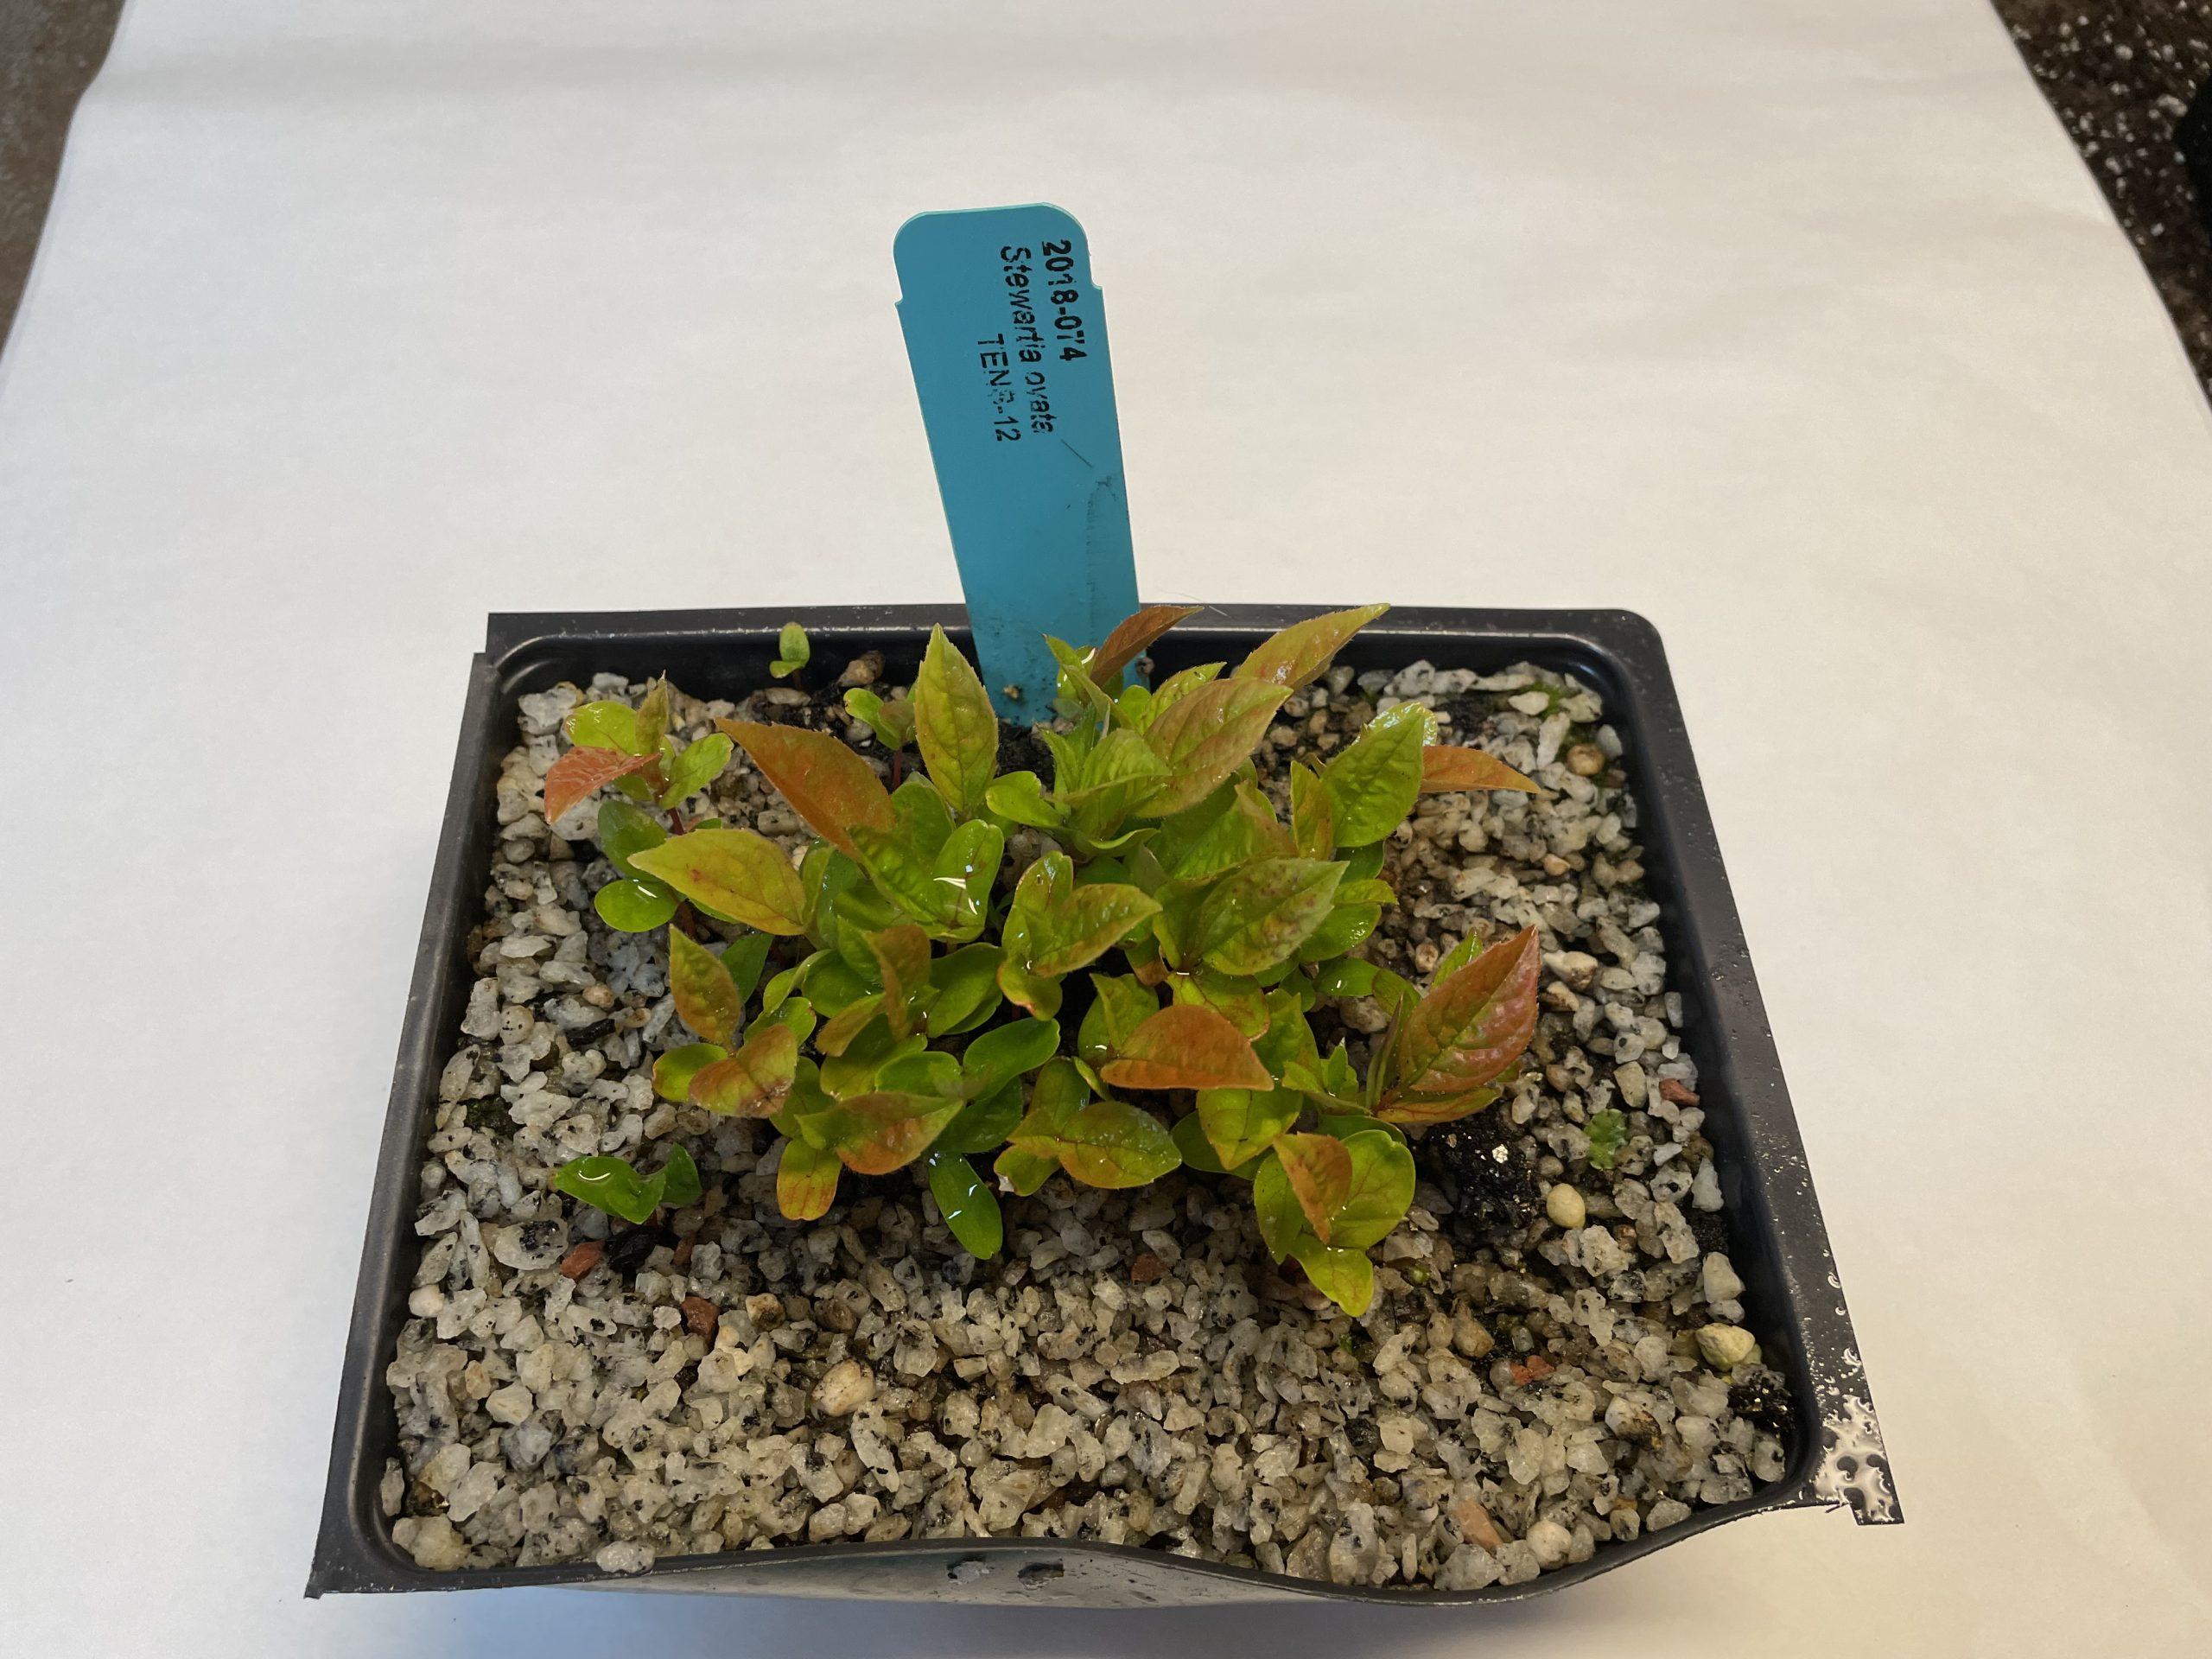 Image of mountain stewartia (Stewartia ovata) seedling.